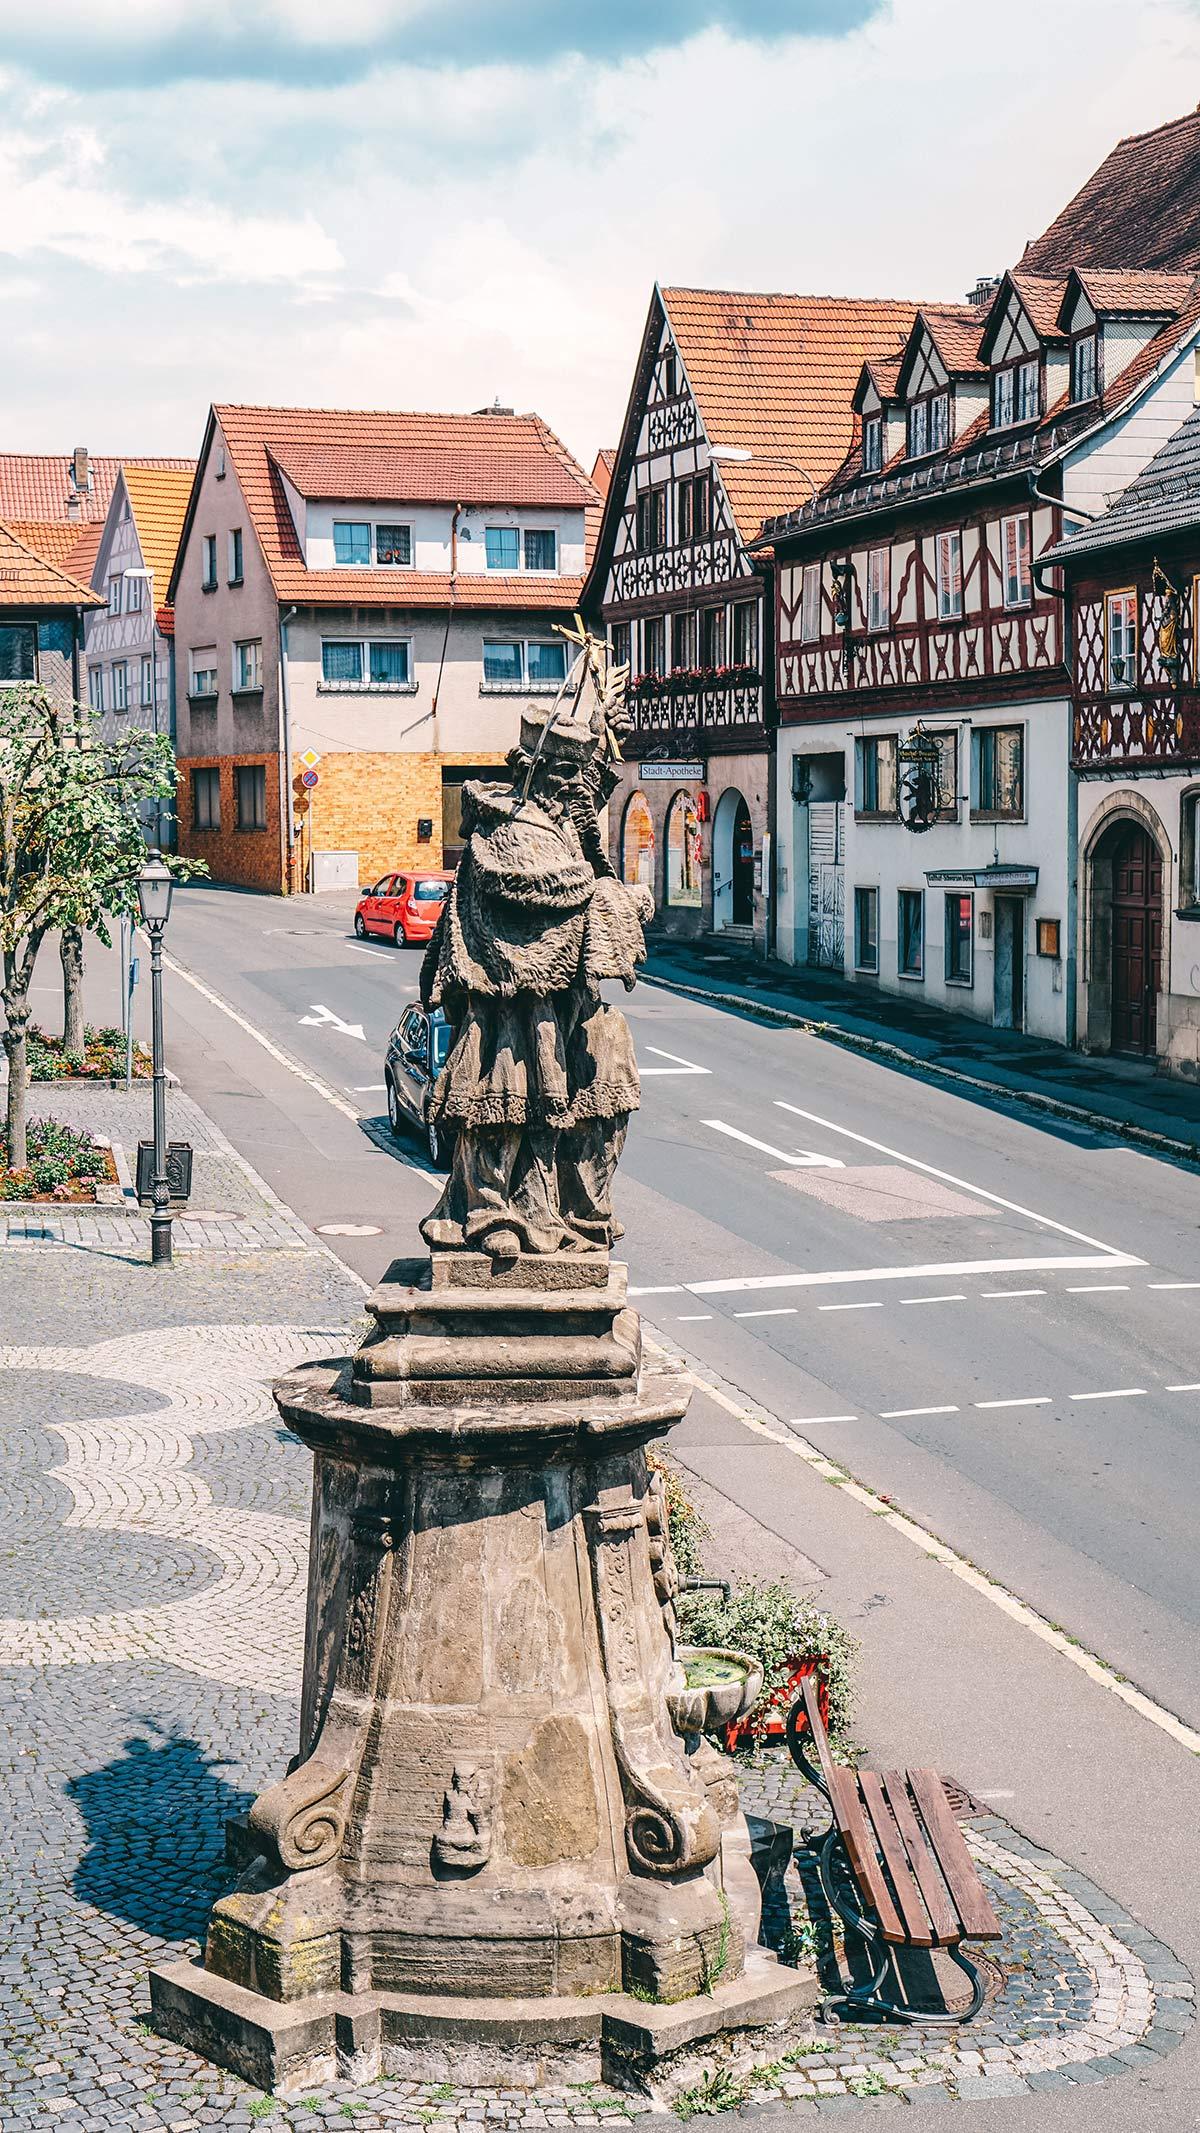 Statue auf dem Rathausplatz in der Altstadt